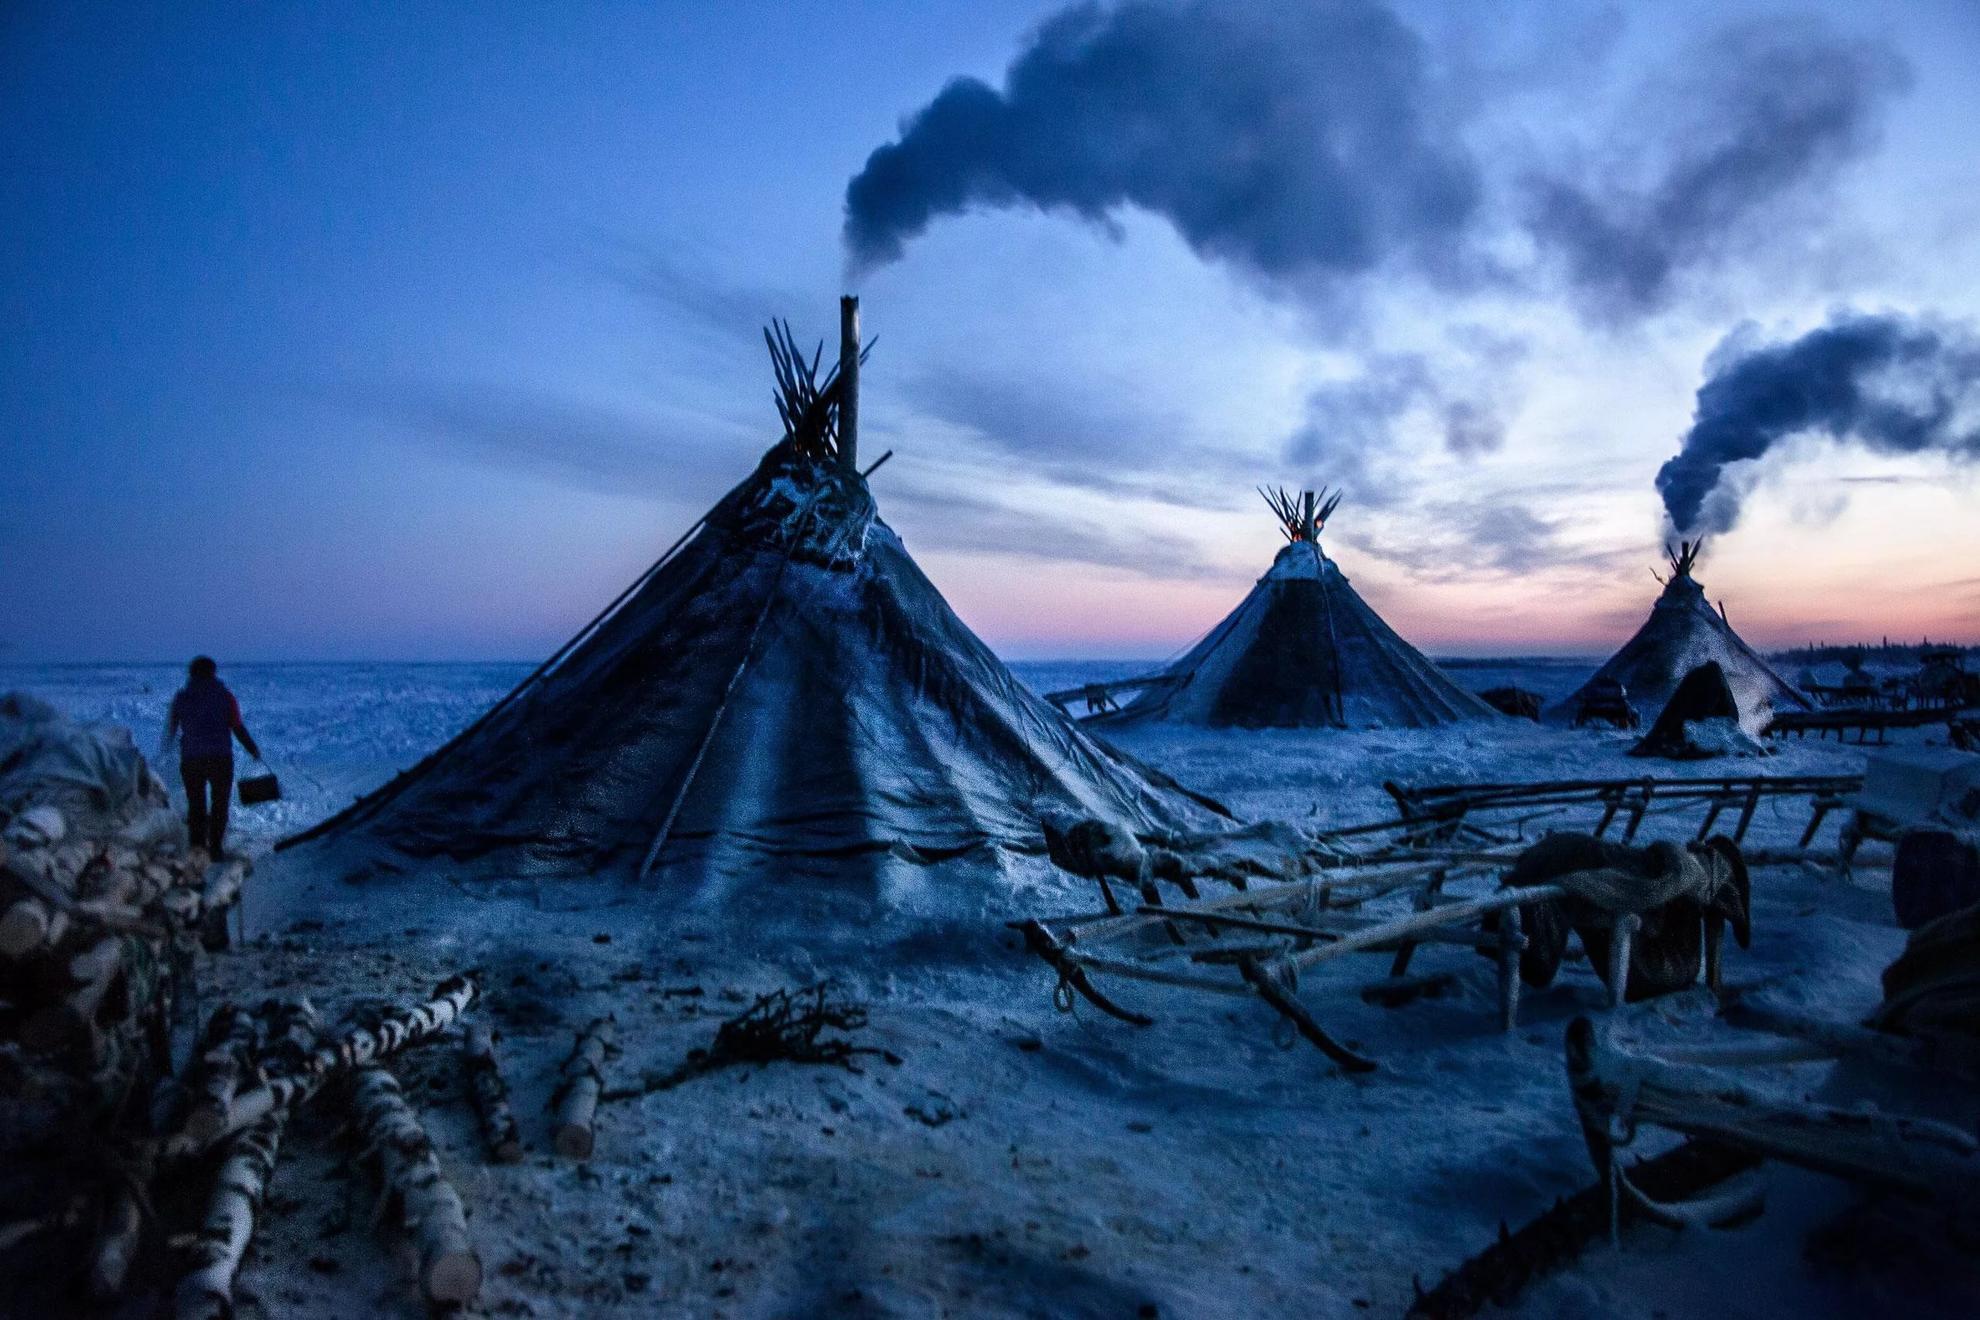 играет фото и жизнь людей крайнего севера открывается куда